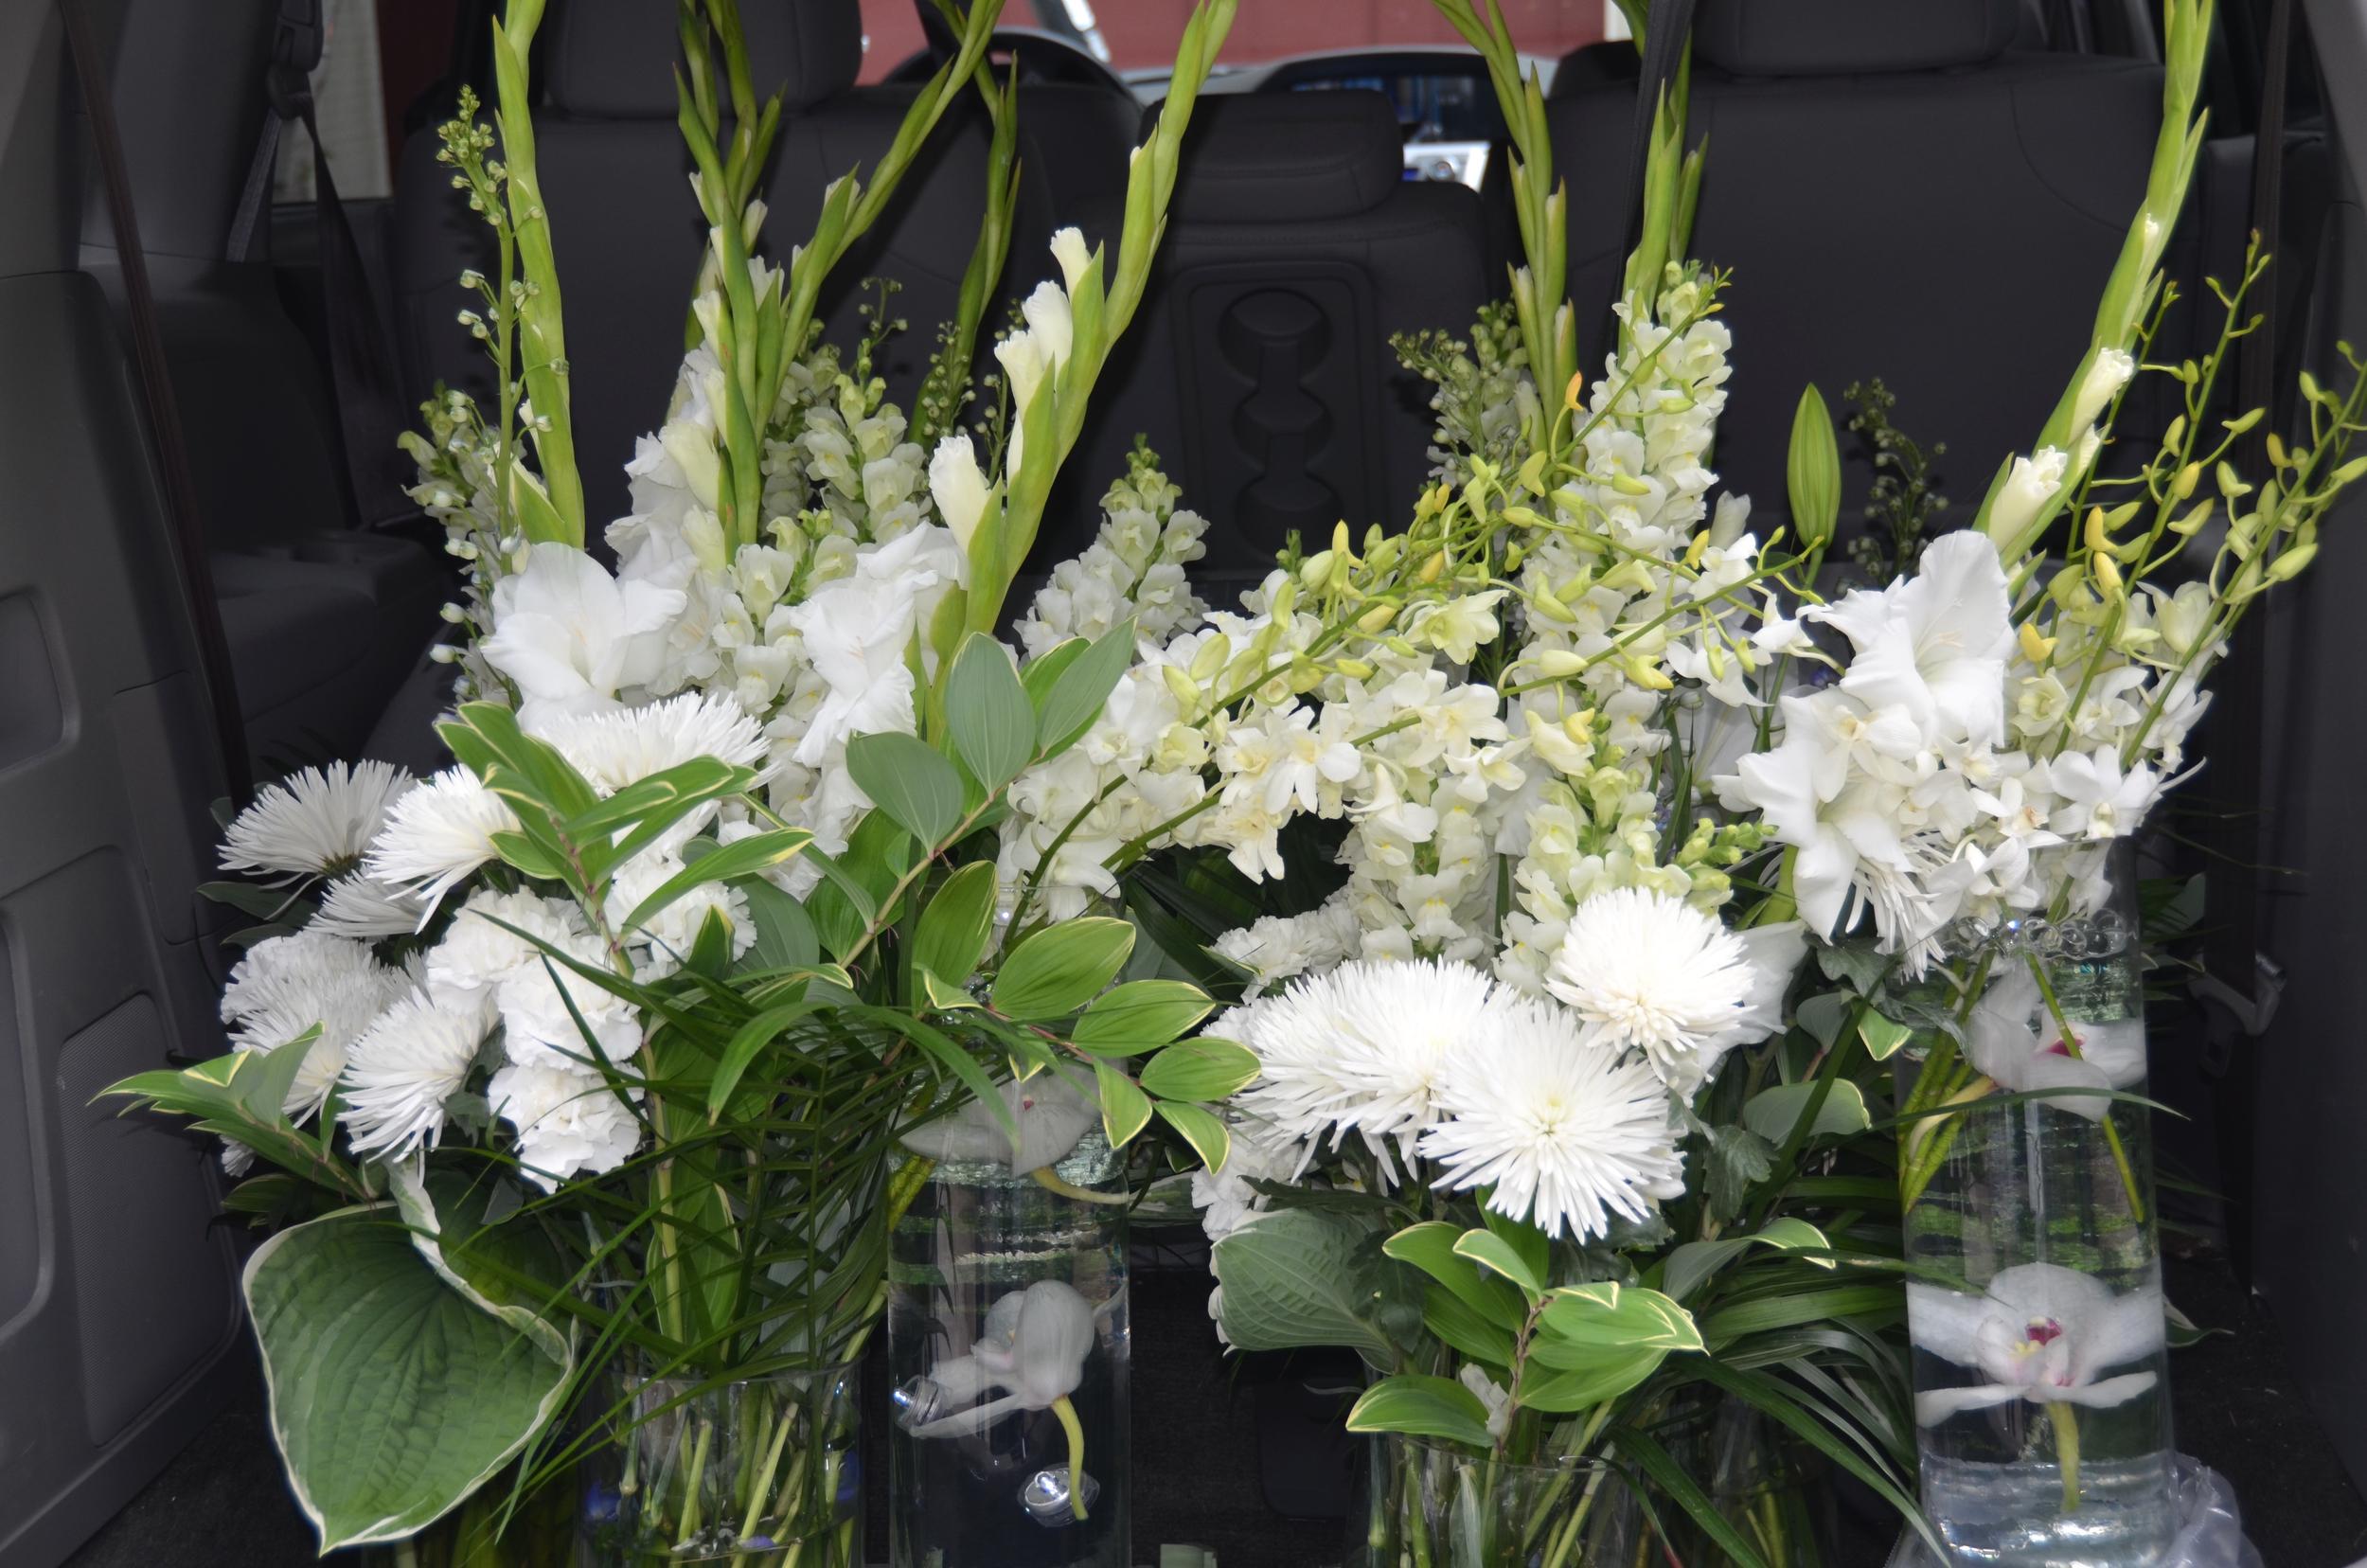 2015 wedding church flowers in trunk.jpg